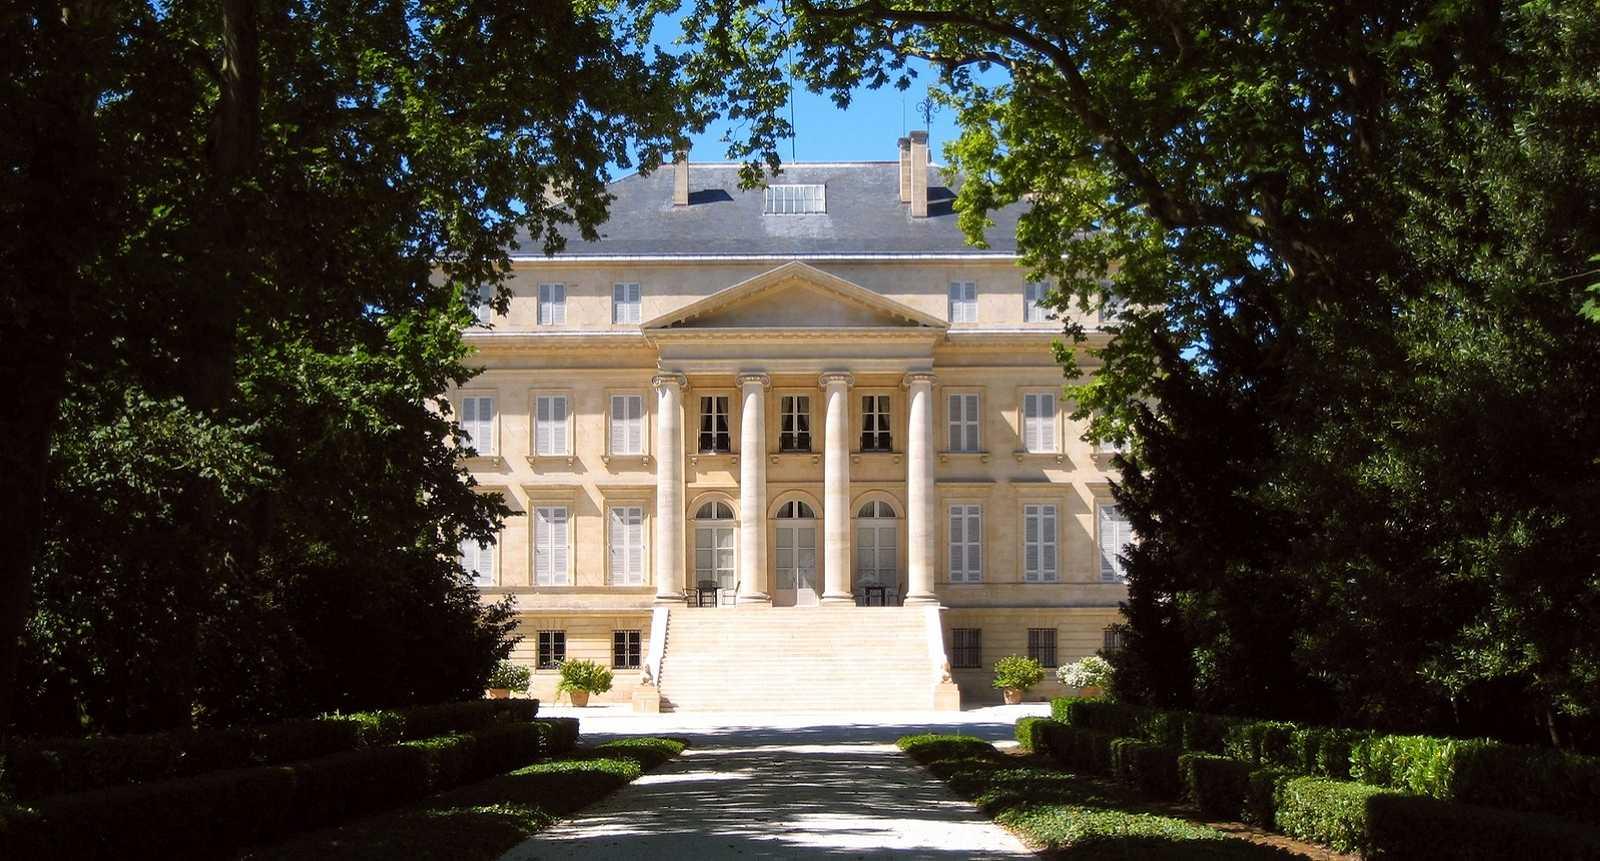 Image : Château Margaux